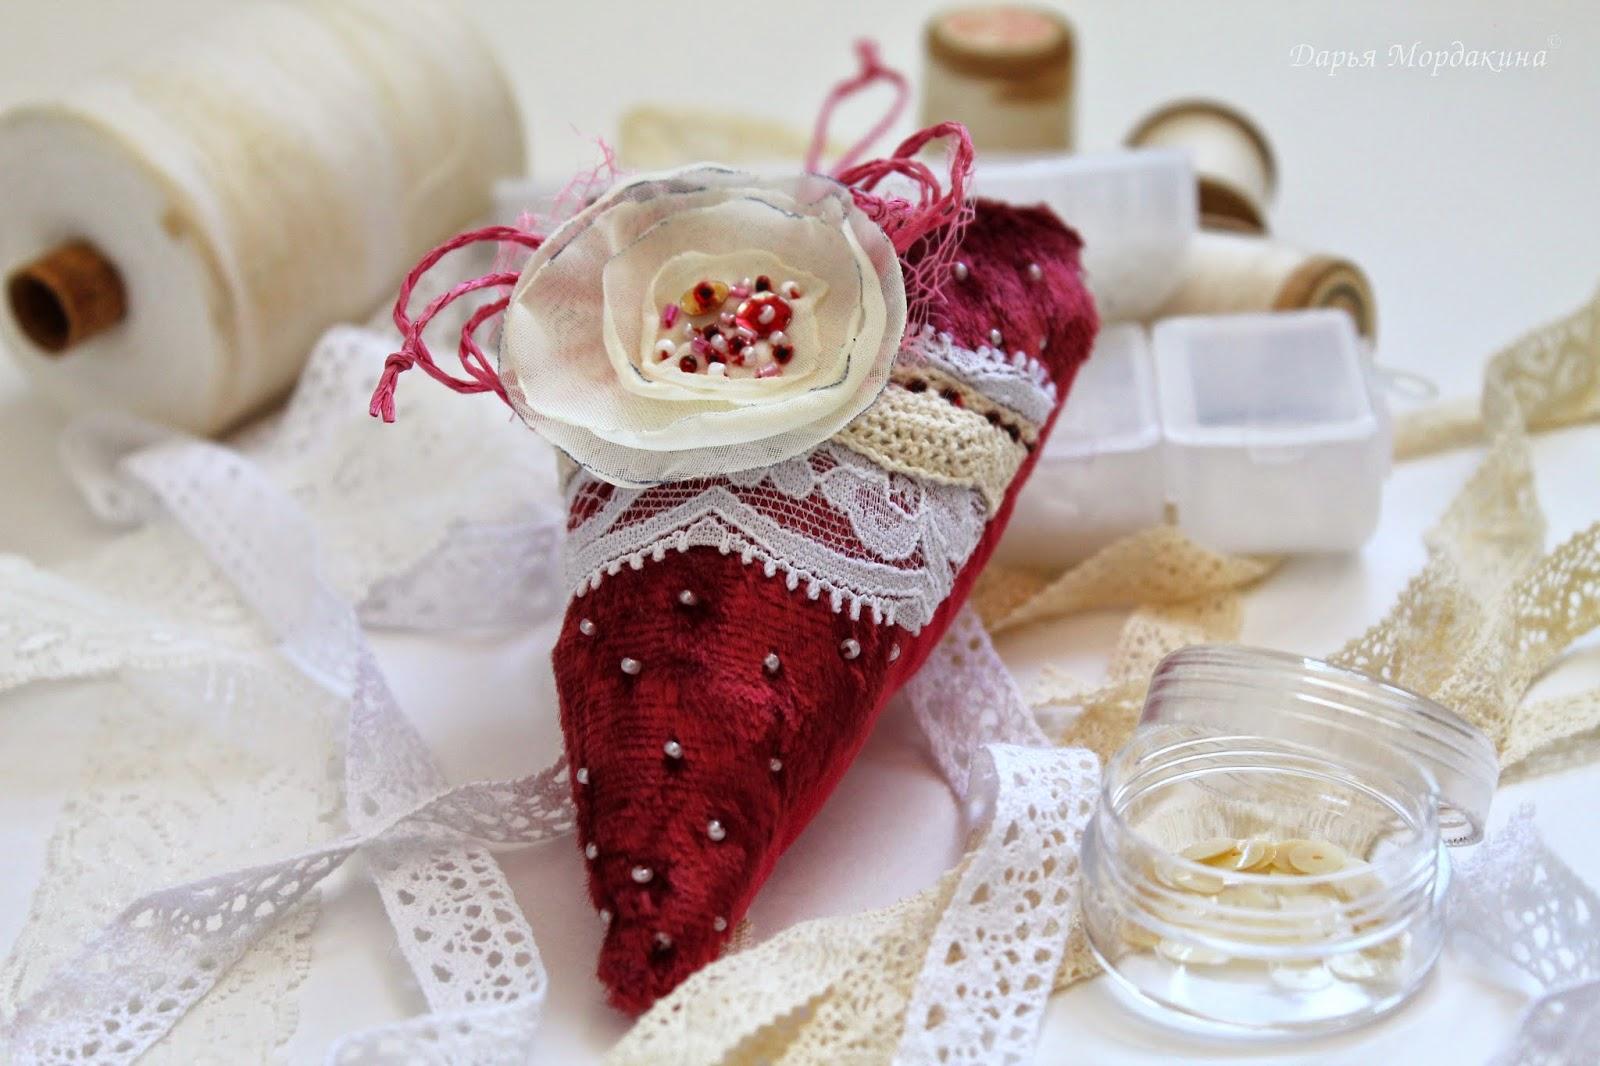 handmade, plush heart, плюшевое сердечко, плюш, сердечко, ручная работа, текстиль, украшение интерьера, украшение, интерьер, день святого валентина, день влюбленных